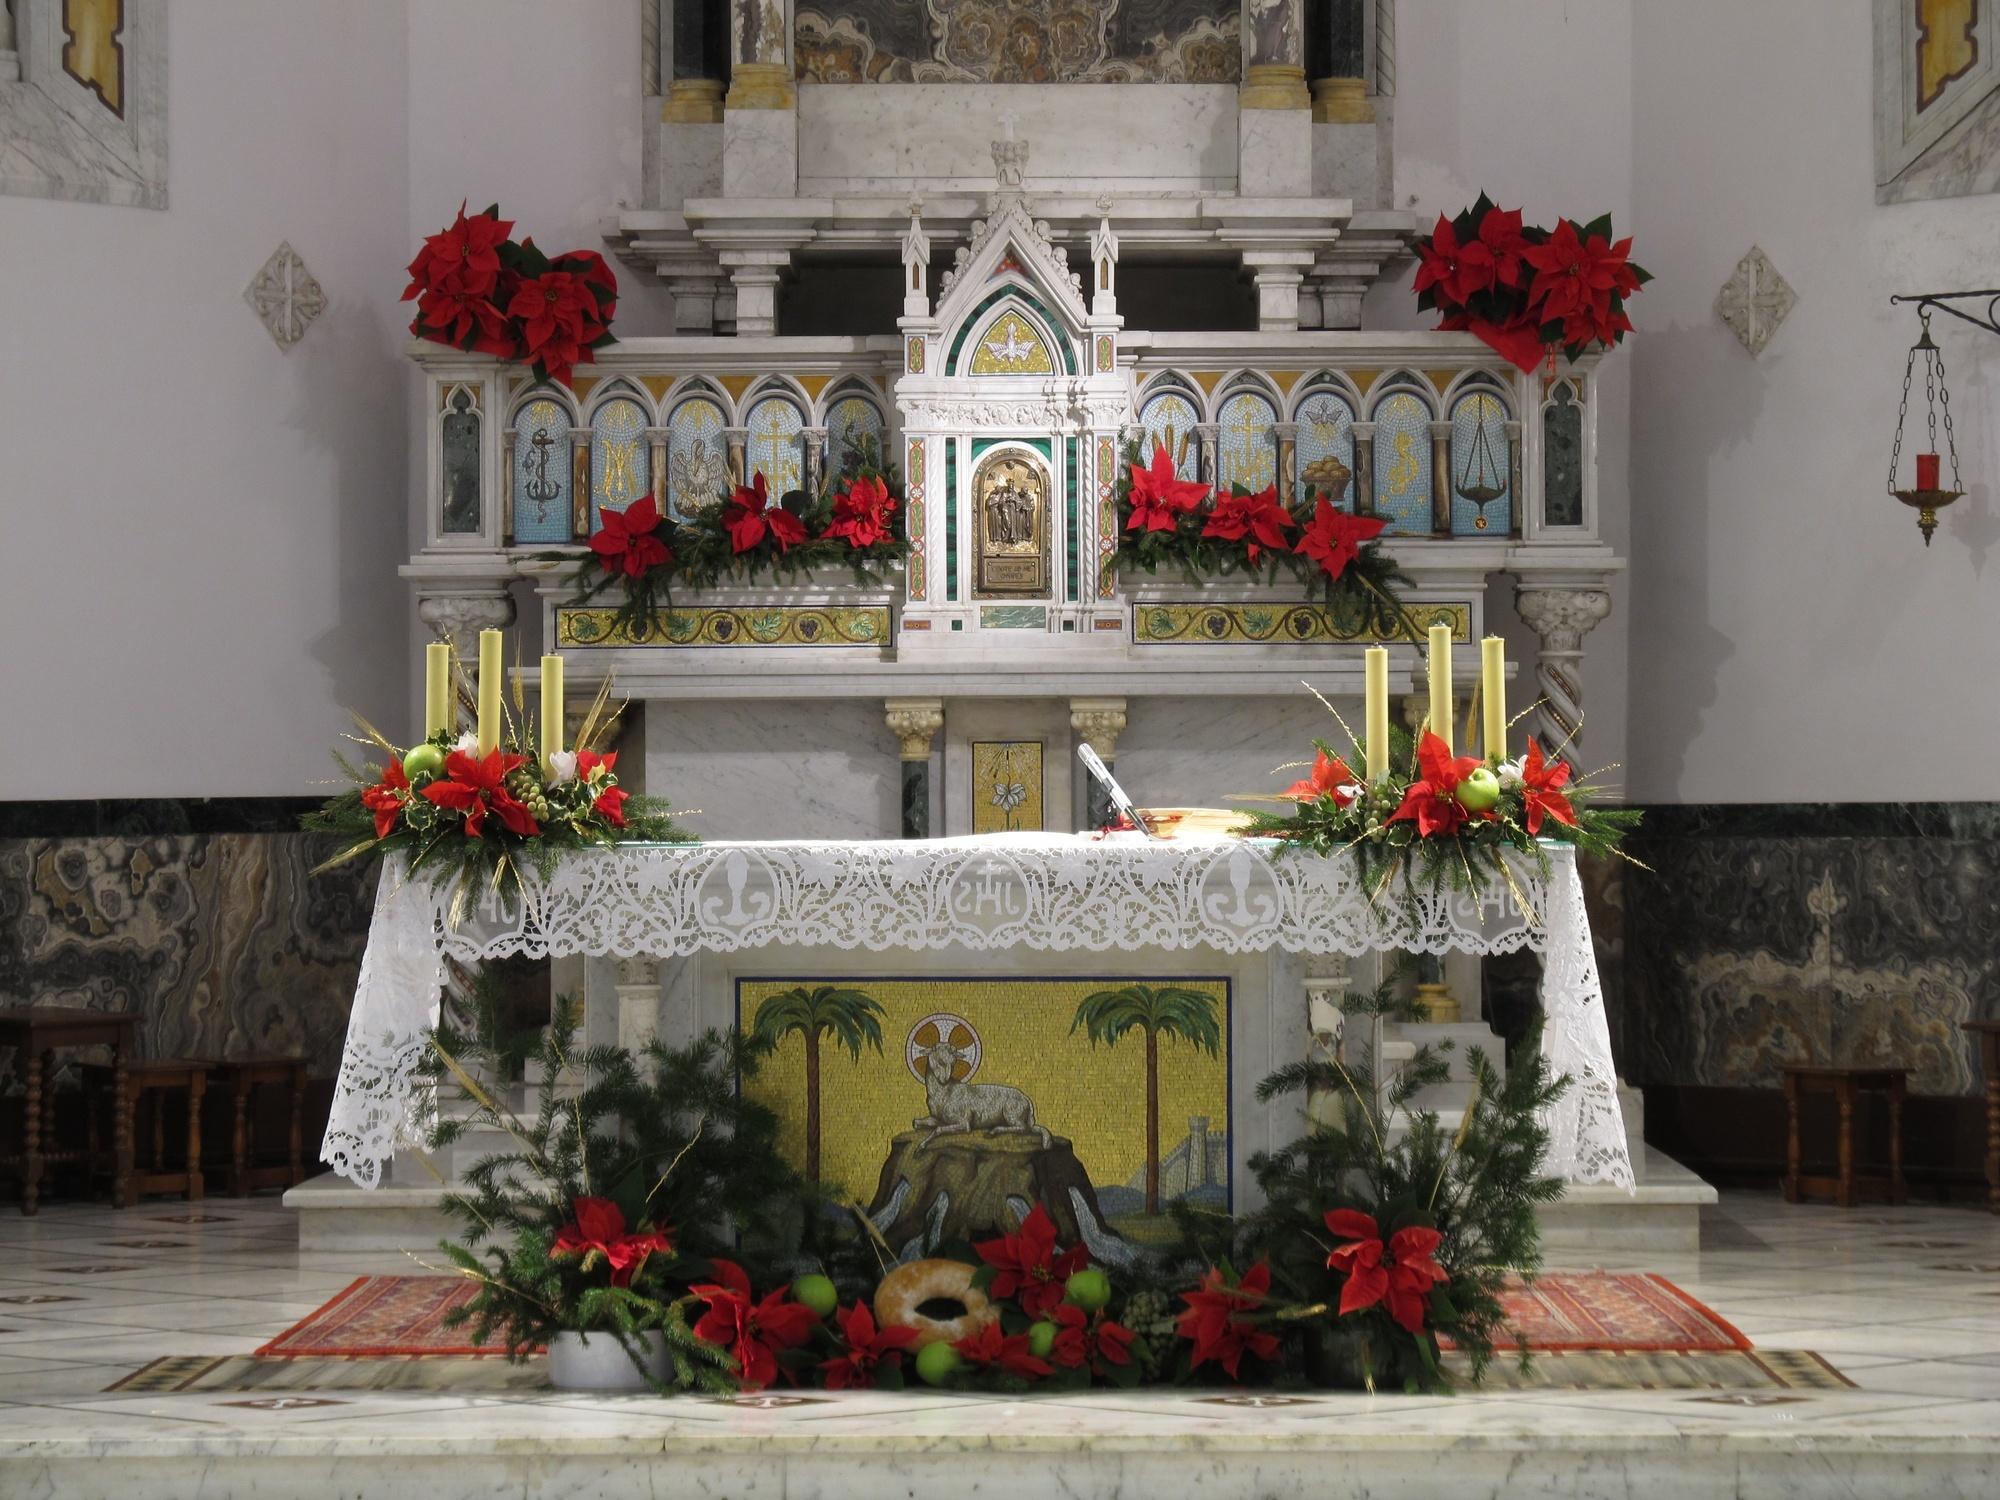 chiesa-natale-2015-12-24-15-07-10